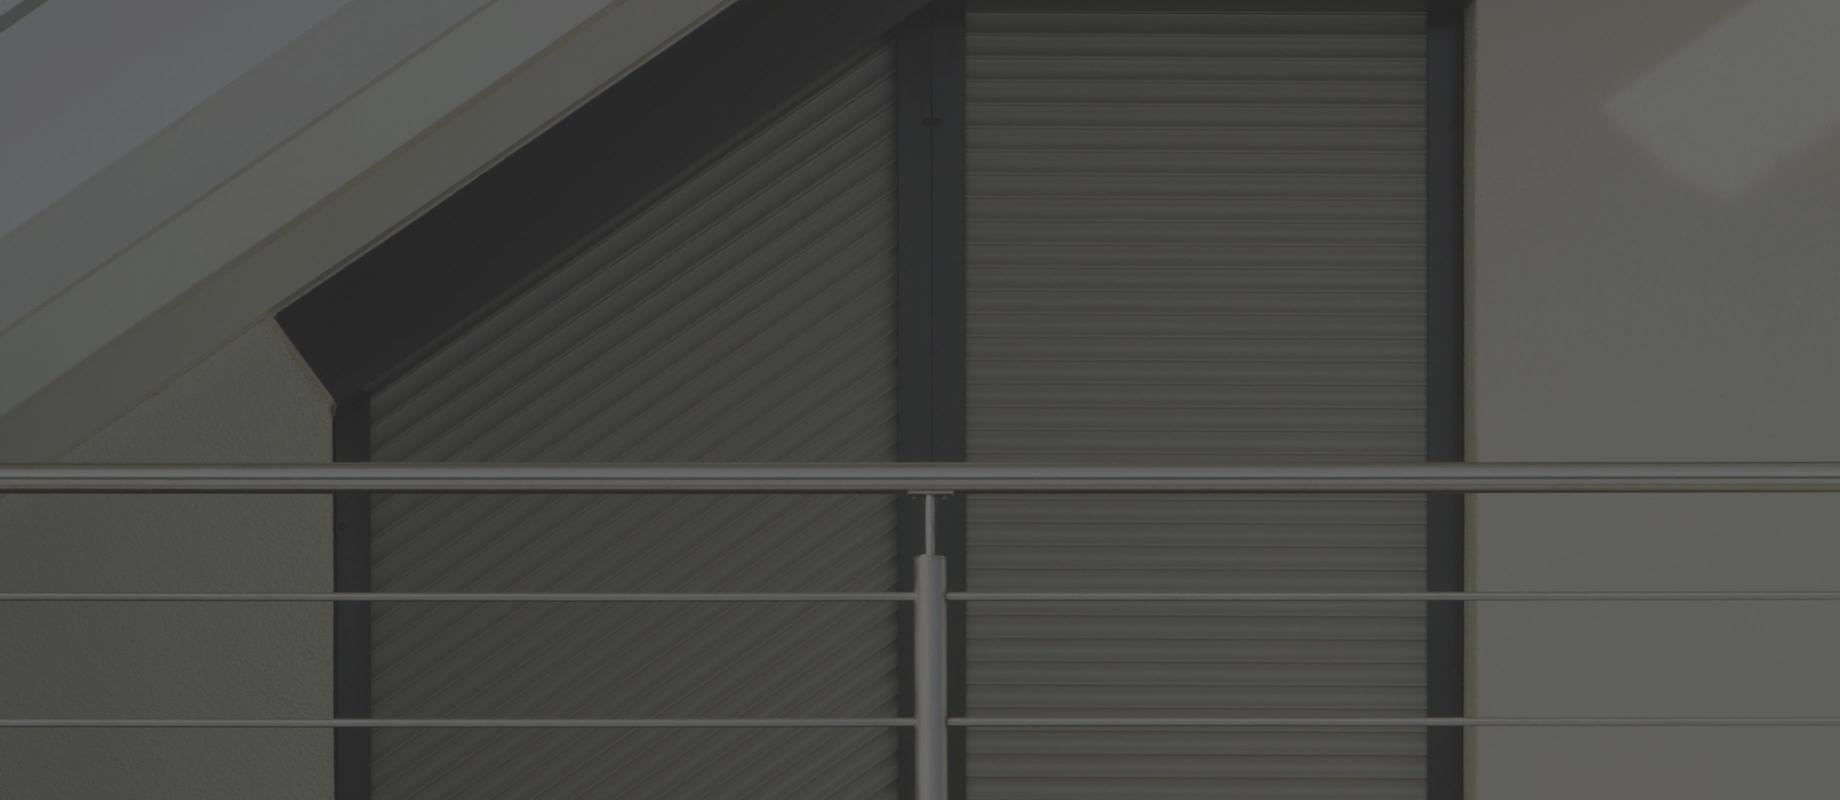 Full Size of Roma Rollladen Fr Schutz Weru Fenster Preise Günstige Insektenschutz Für Dänische Flachdach Sonnenschutz Innen Insektenschutzrollo Neue Einbauen Fenster Fenster Rolladen